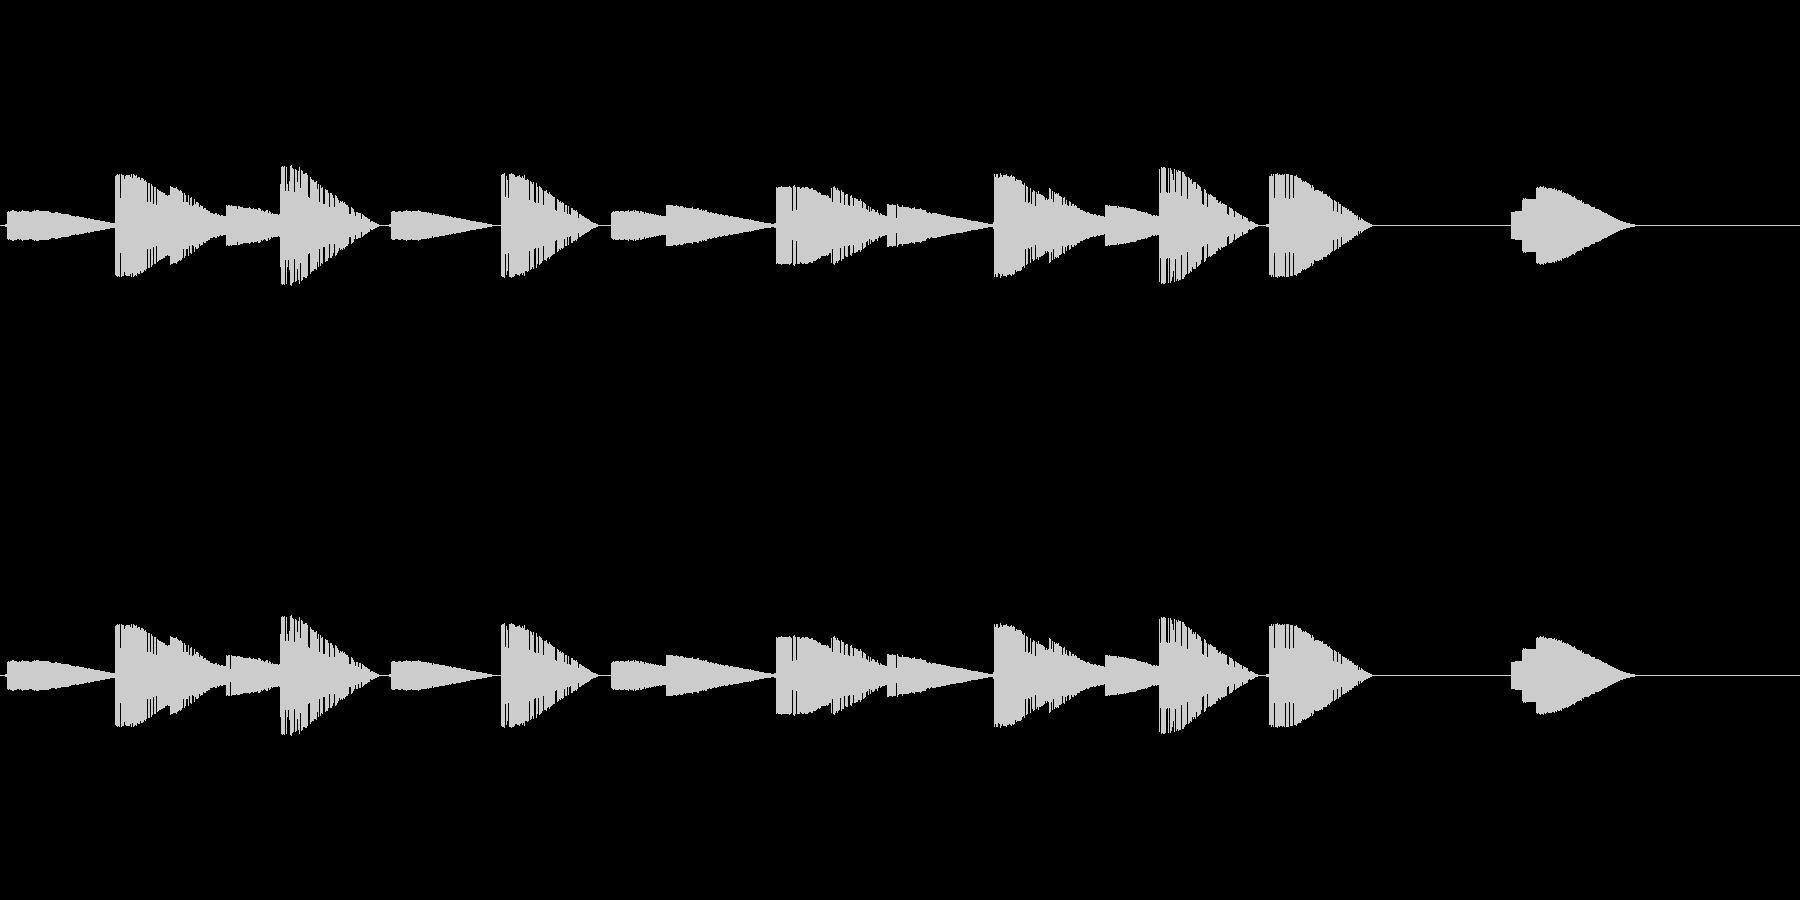 ファミコン風ゲームクリア時のジングルですの未再生の波形